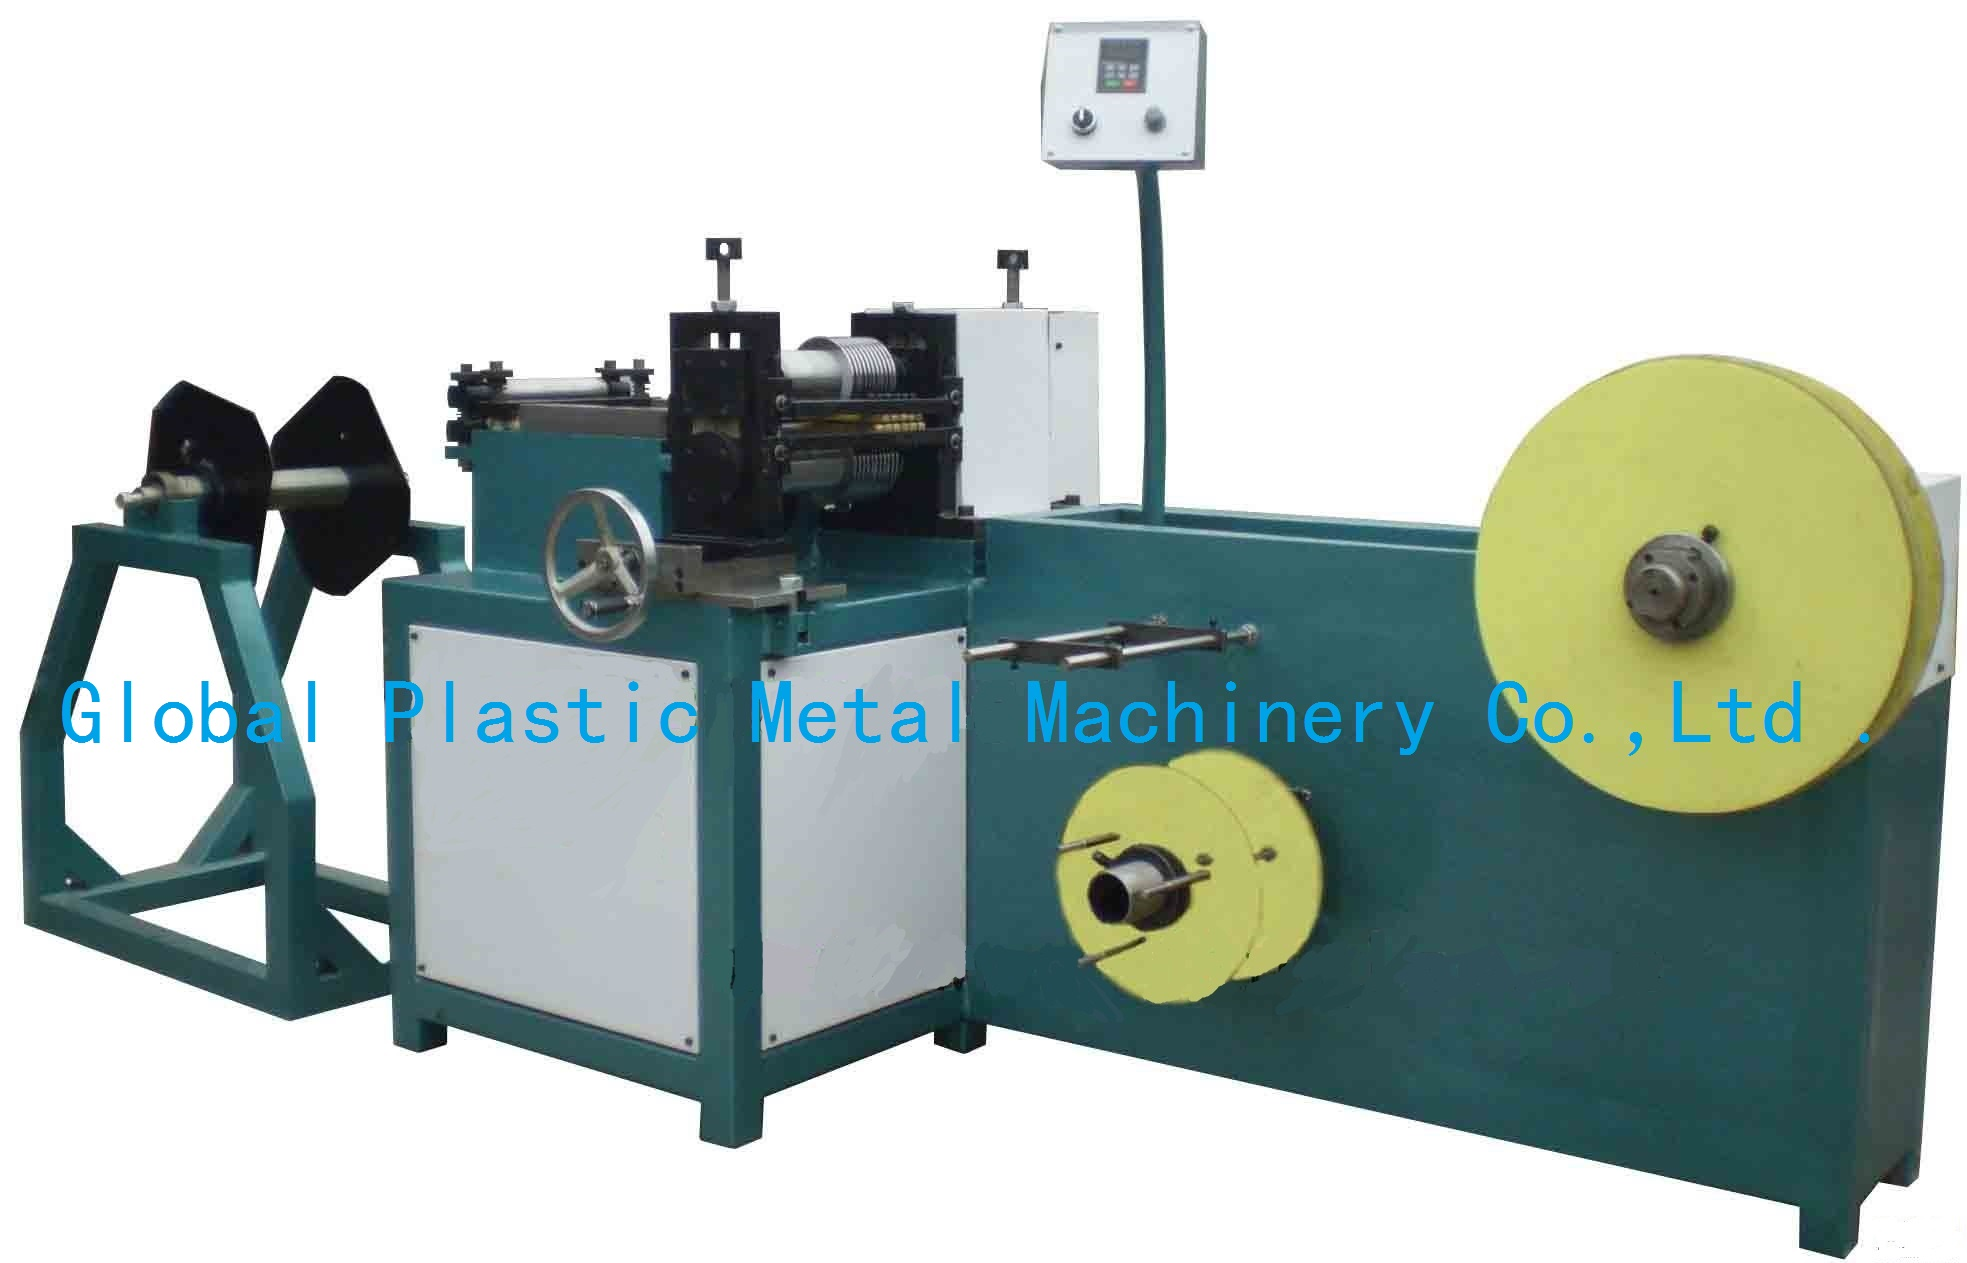 Metal sheet slitting machine